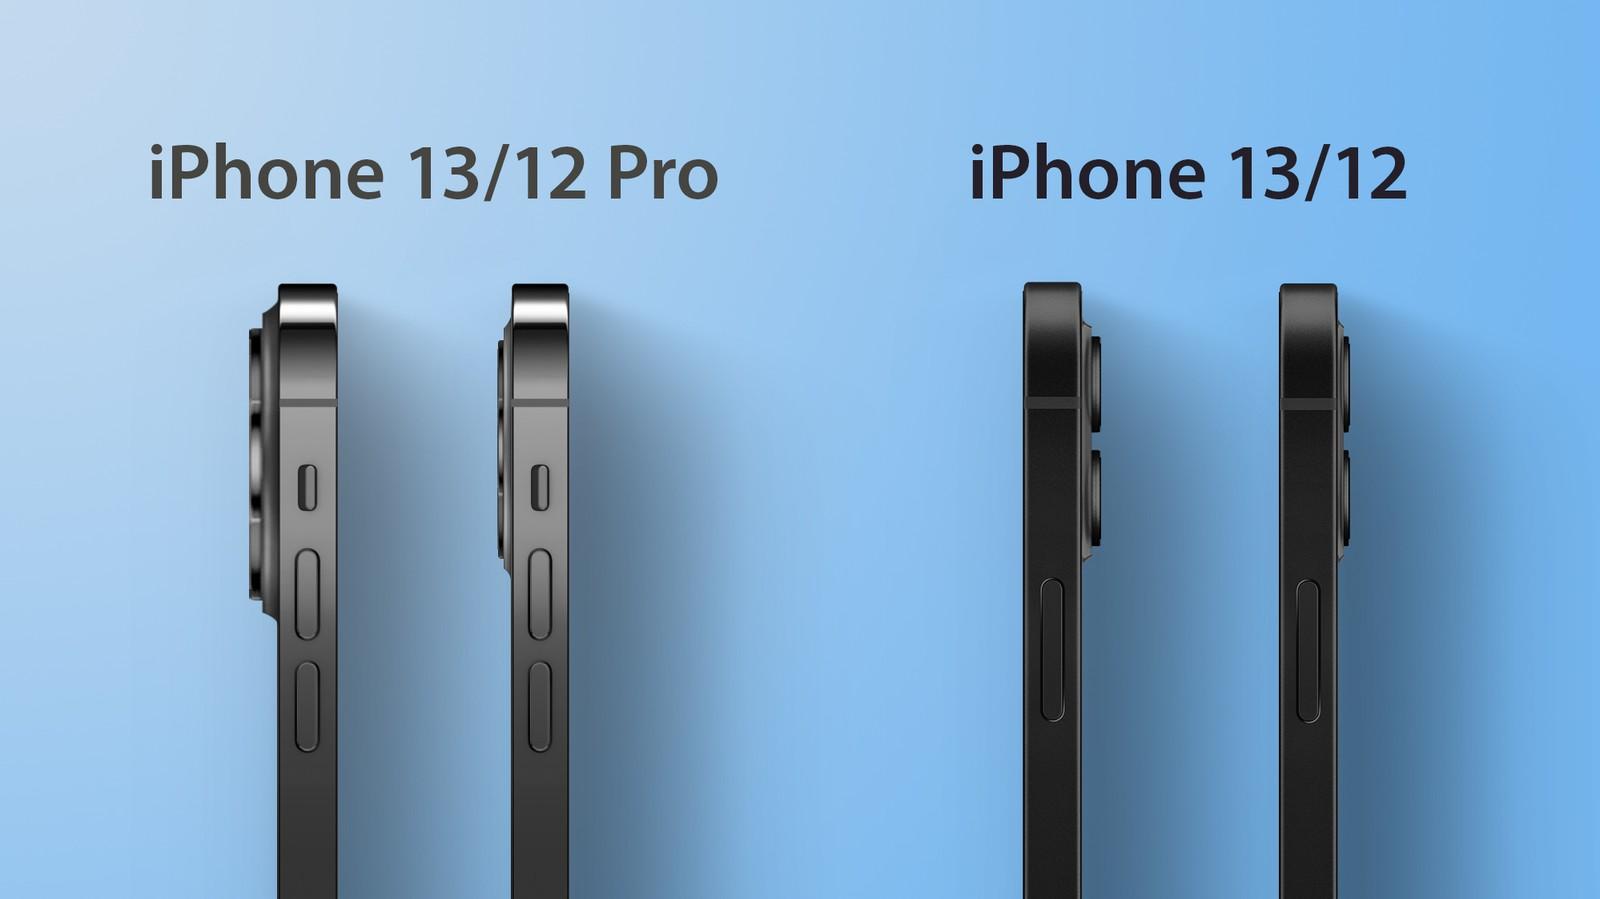 Gli iPhone 13 saranno un po' più spessi con blocco fotocamere più grande